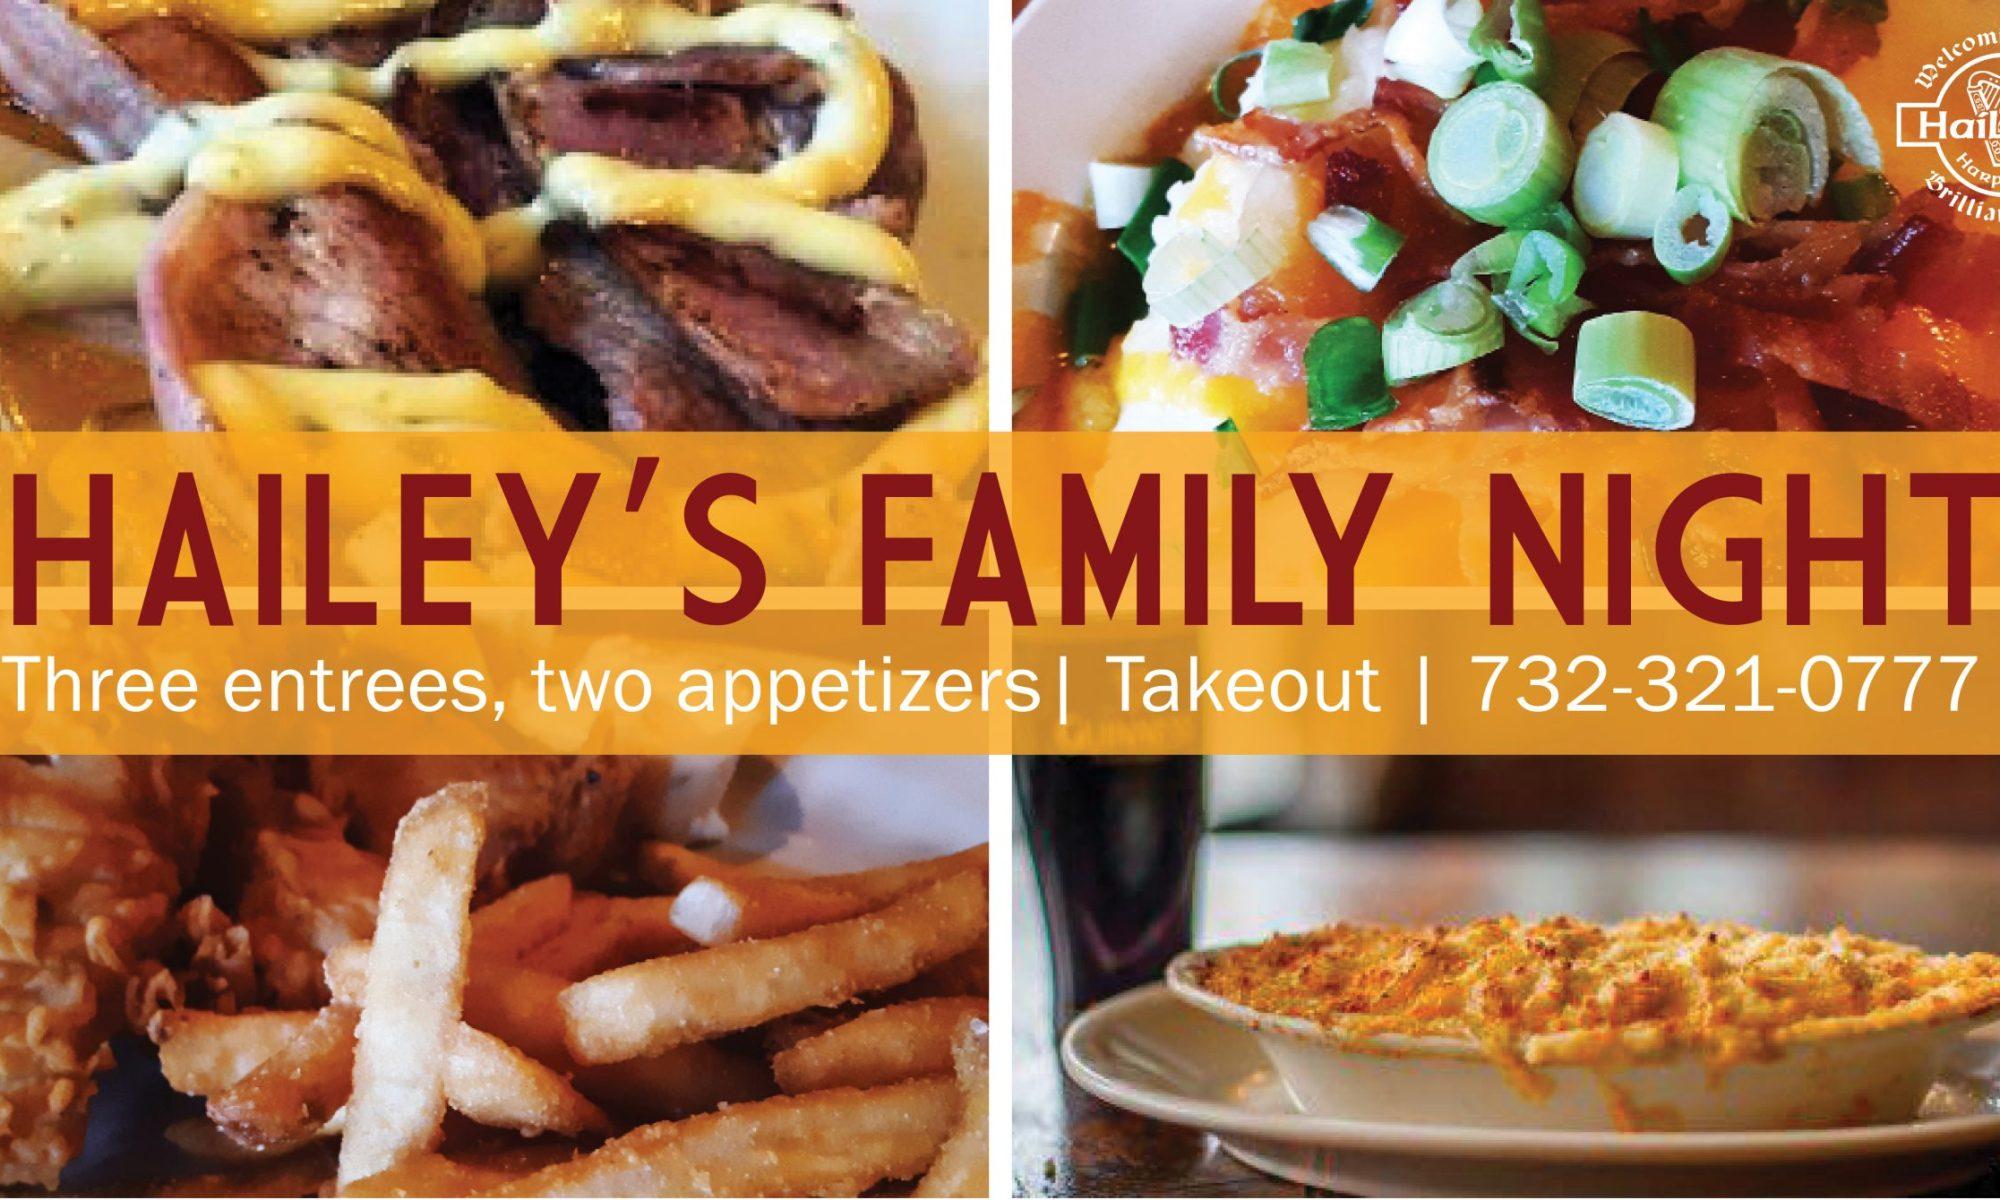 Hailey's Harp and Pub Hailey's Family Night